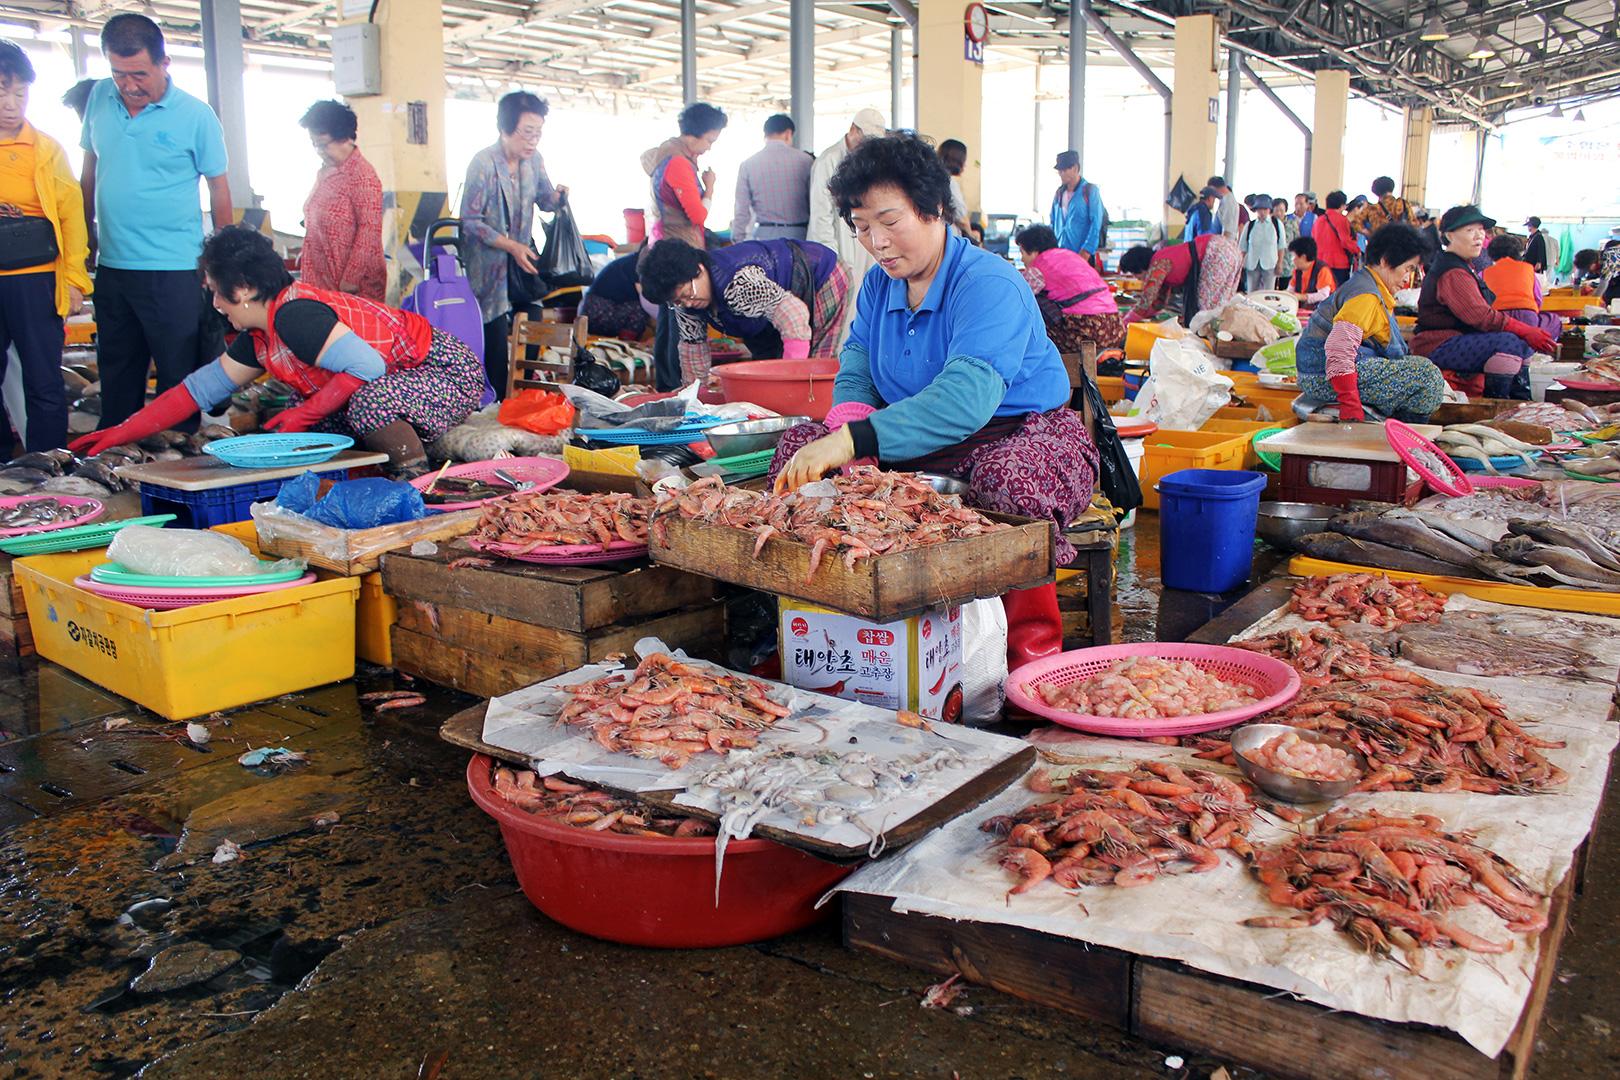 Shrimp galore!